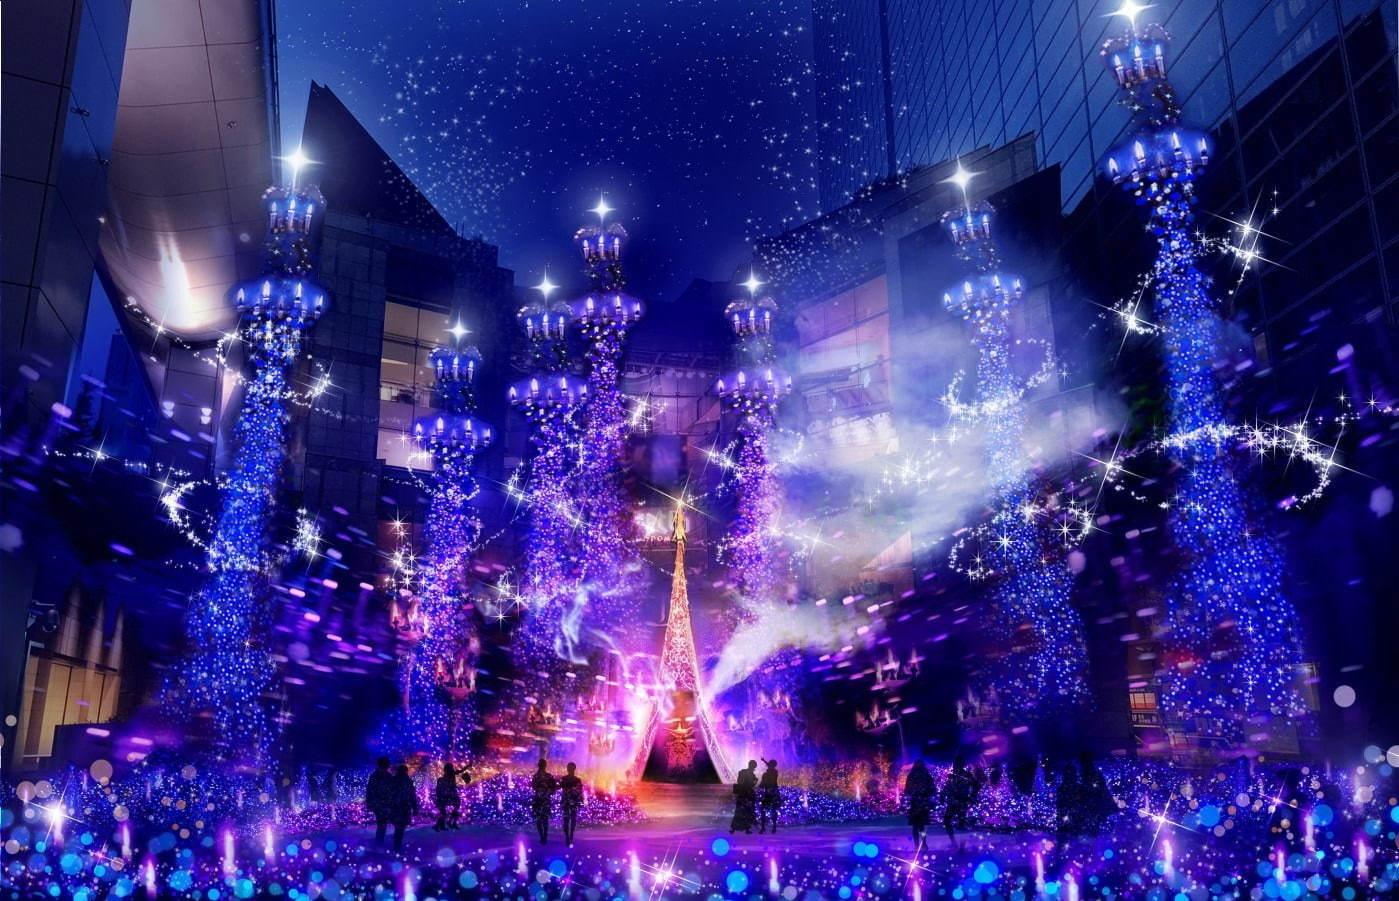 Caretta Shiodome Winter Illumination